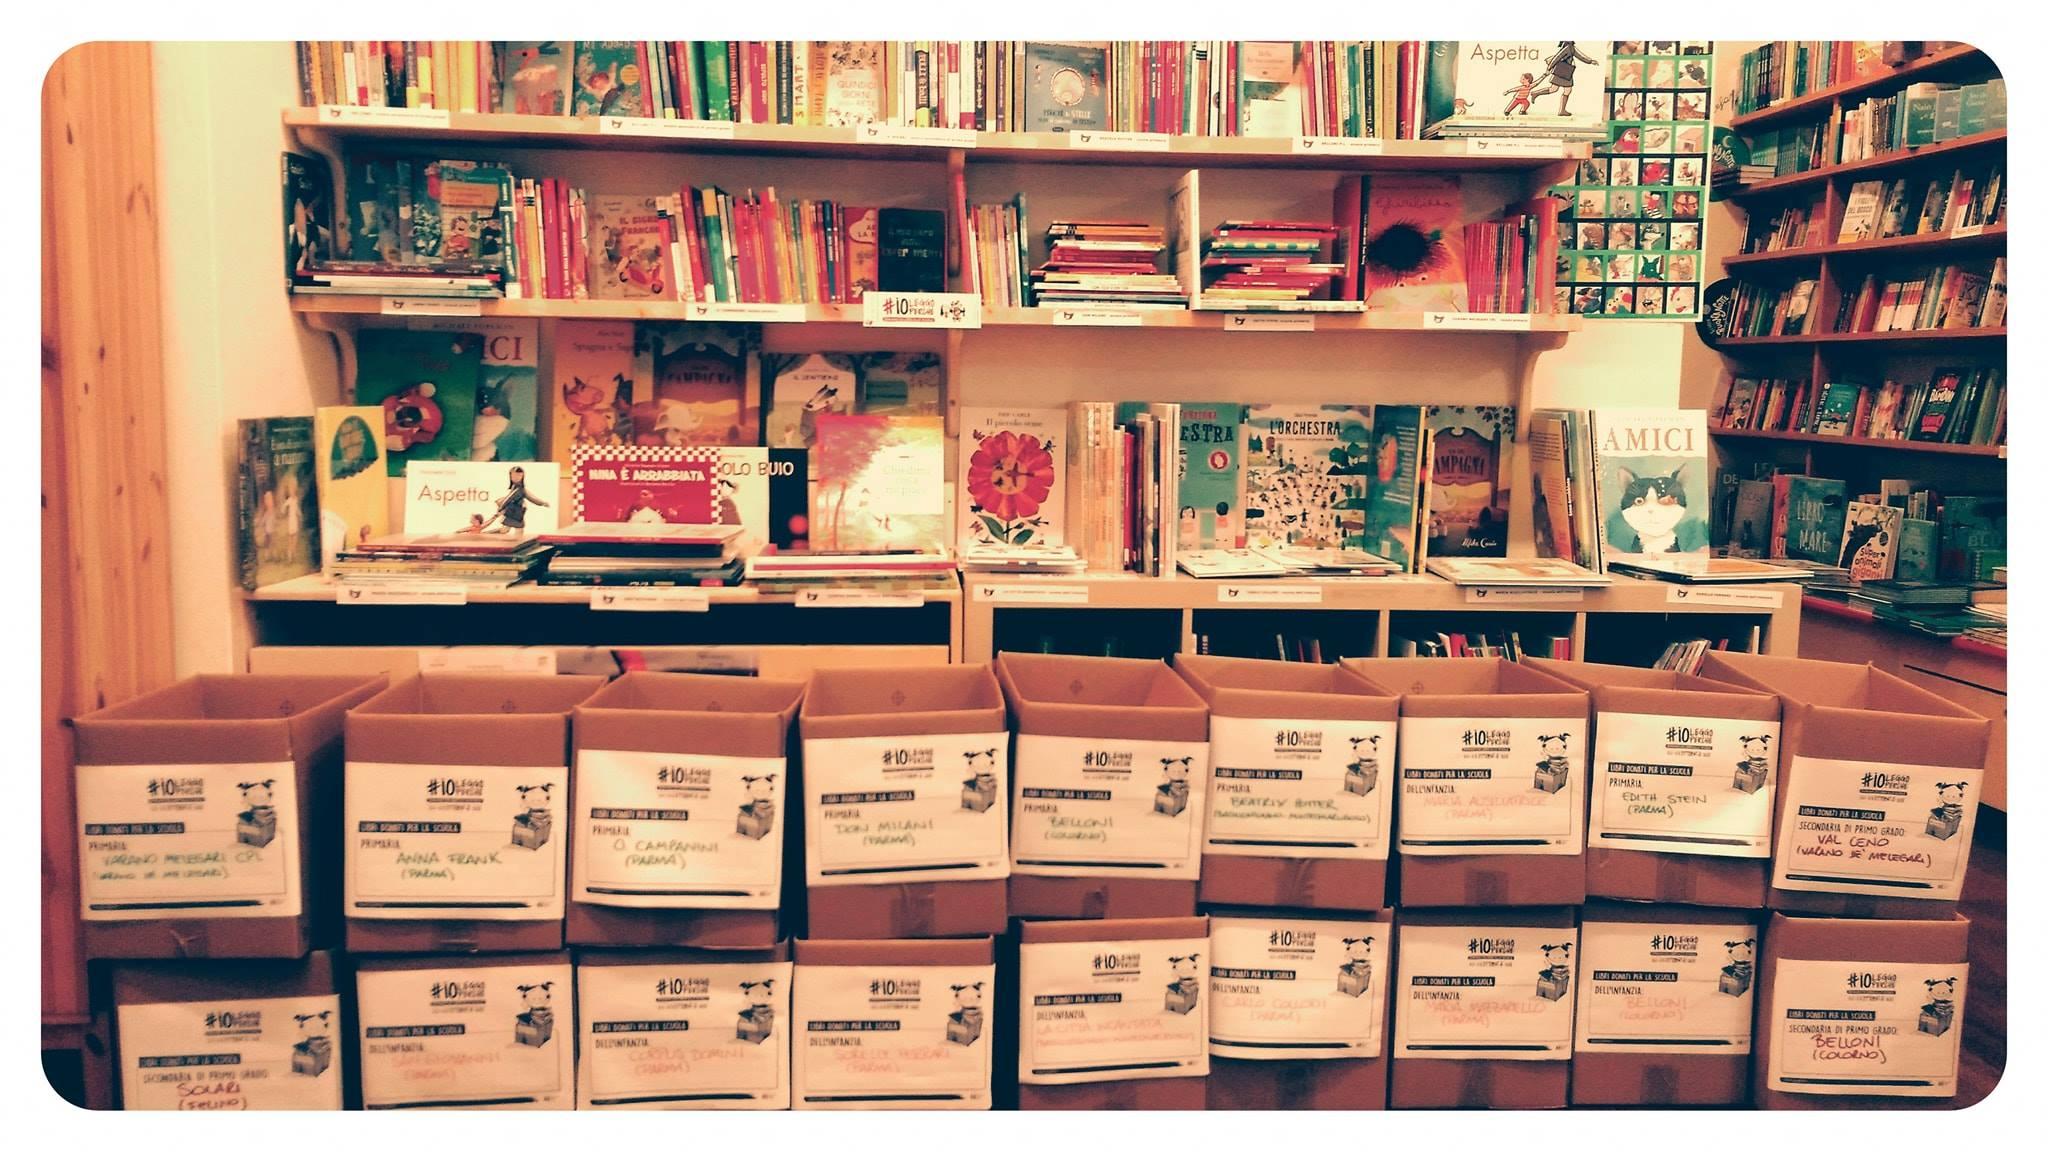 idee regalo per due anni di incontri Biblioteca sito di incontri